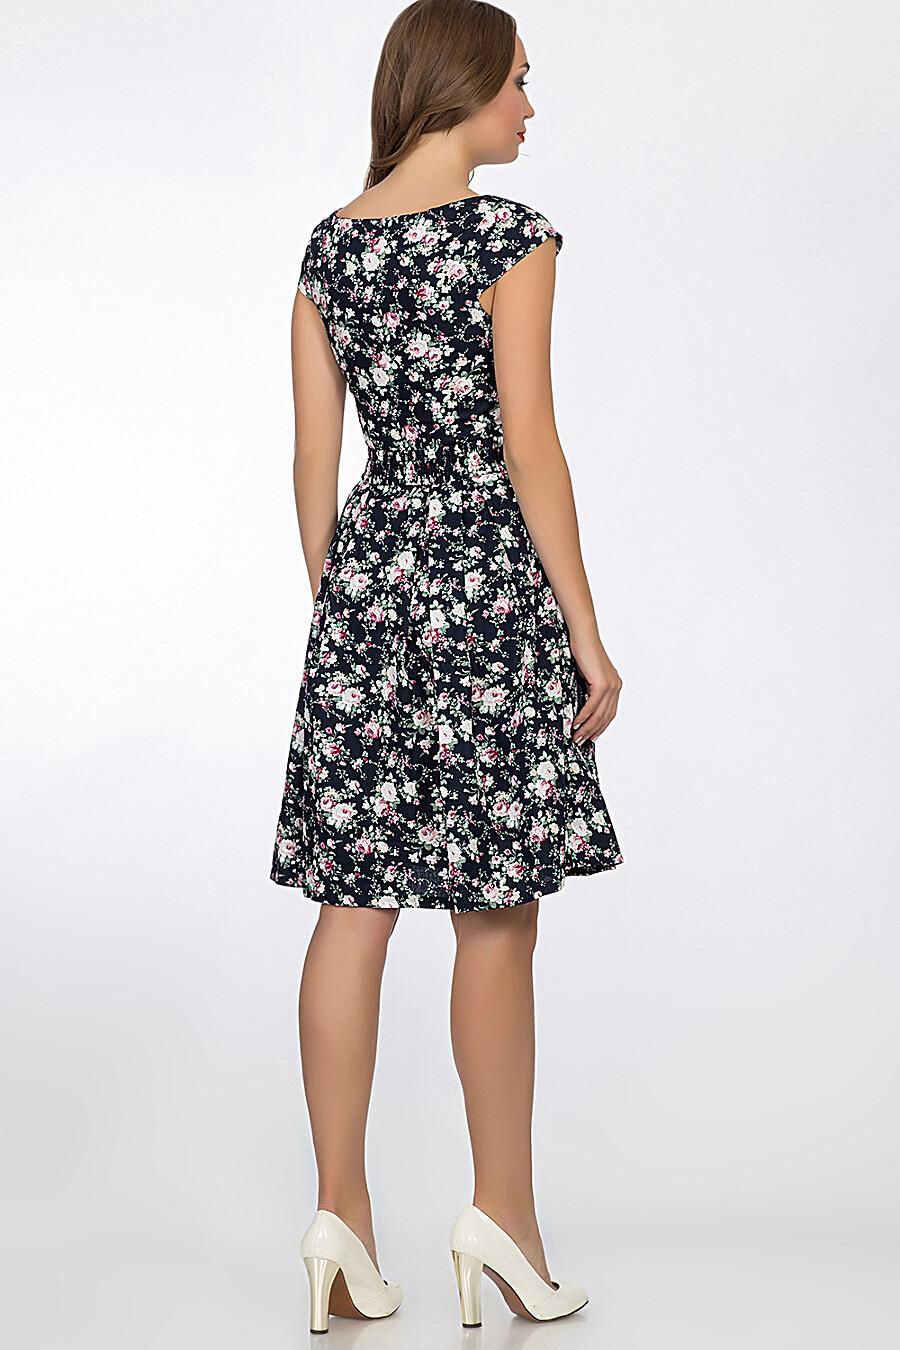 Платье TuTachi (52407), купить в Moyo.moda